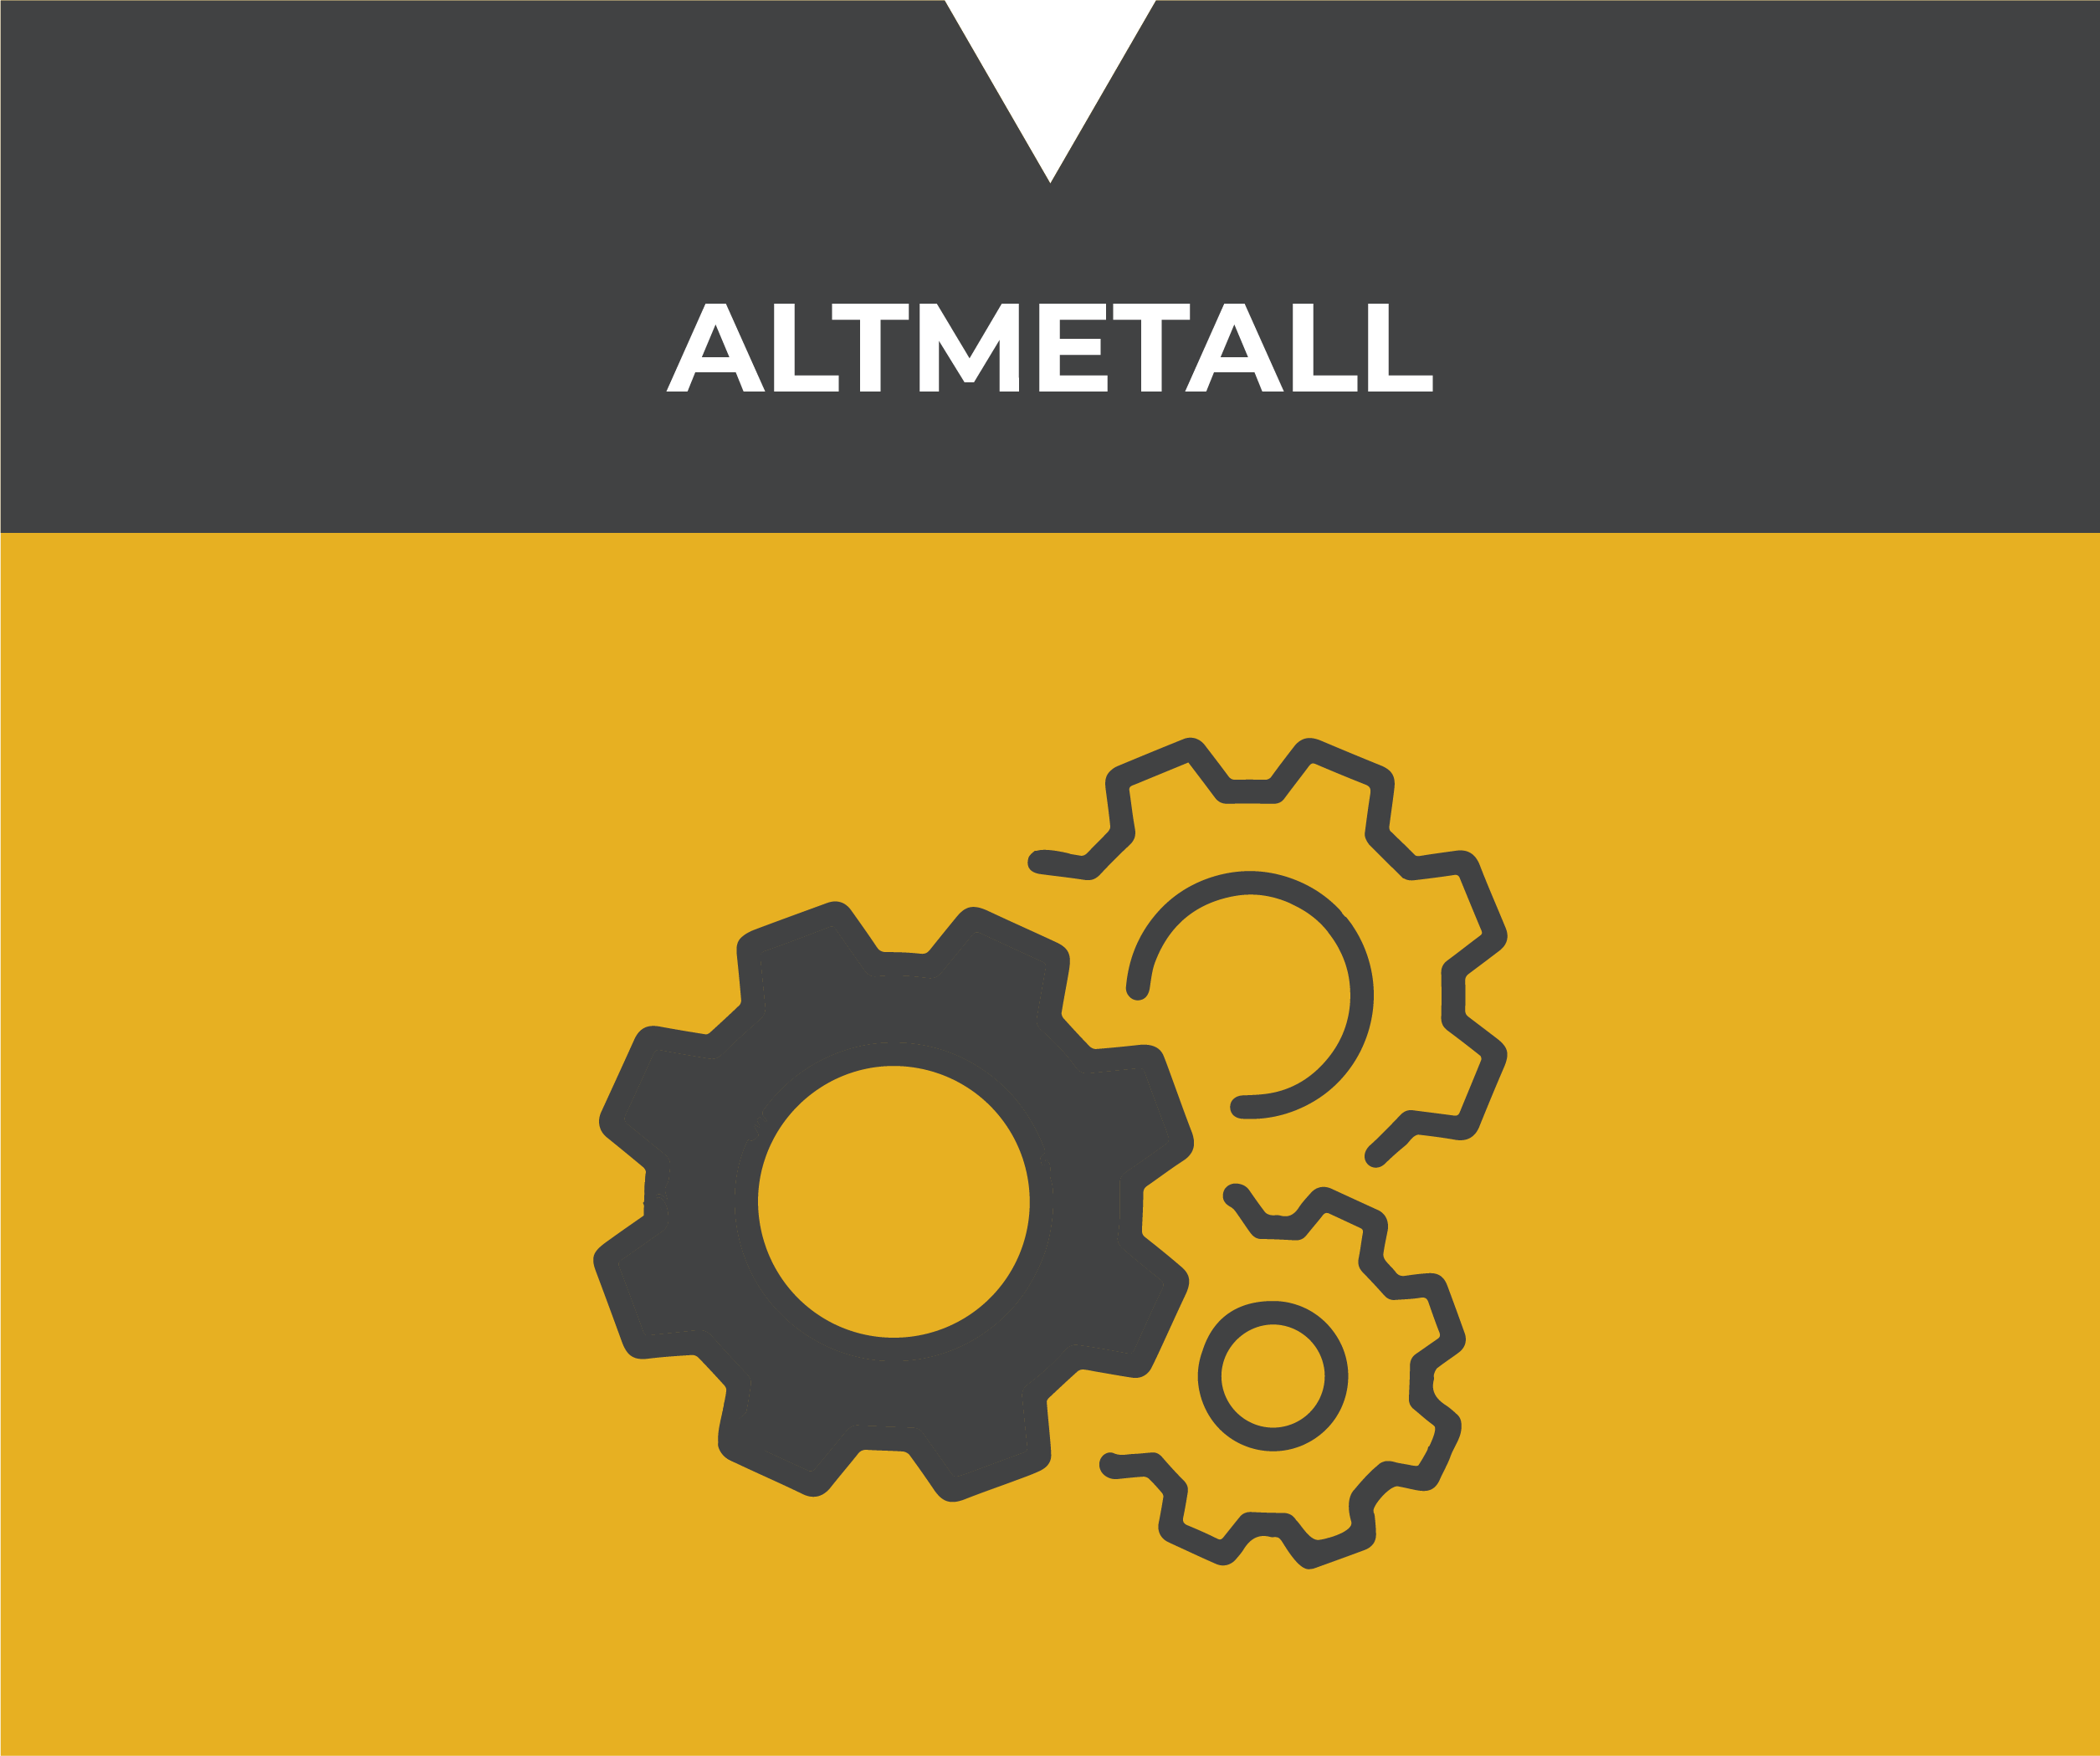 Altmetall